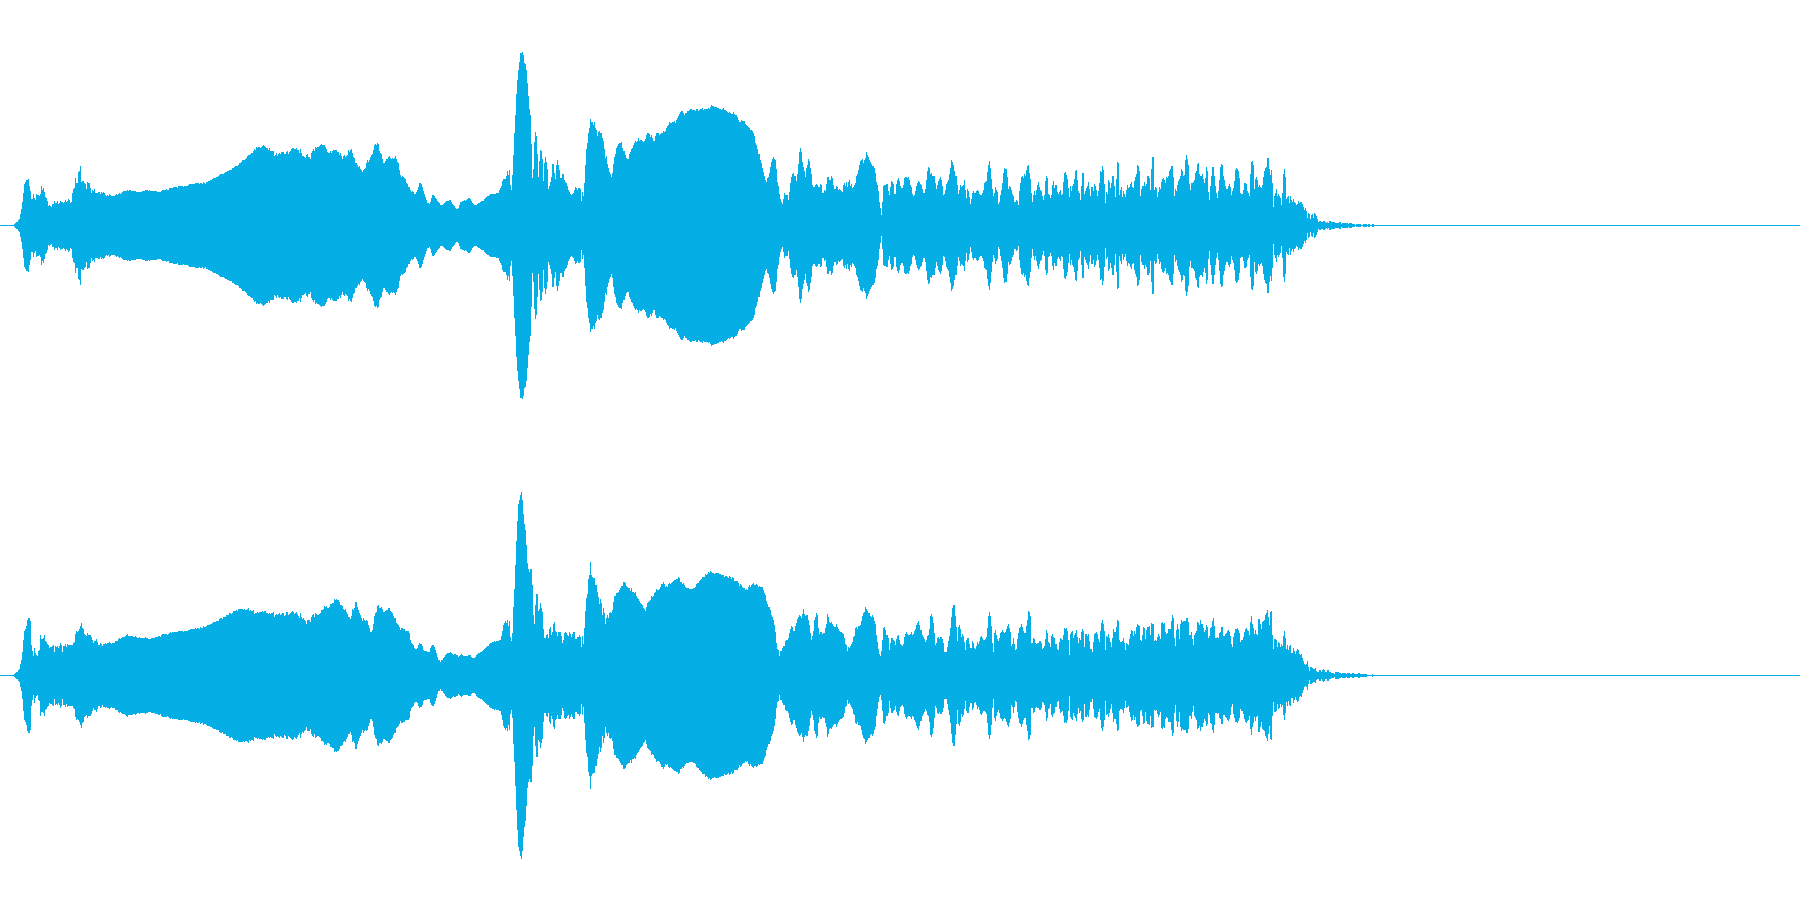 尺八 生演奏 古典風#7の再生済みの波形